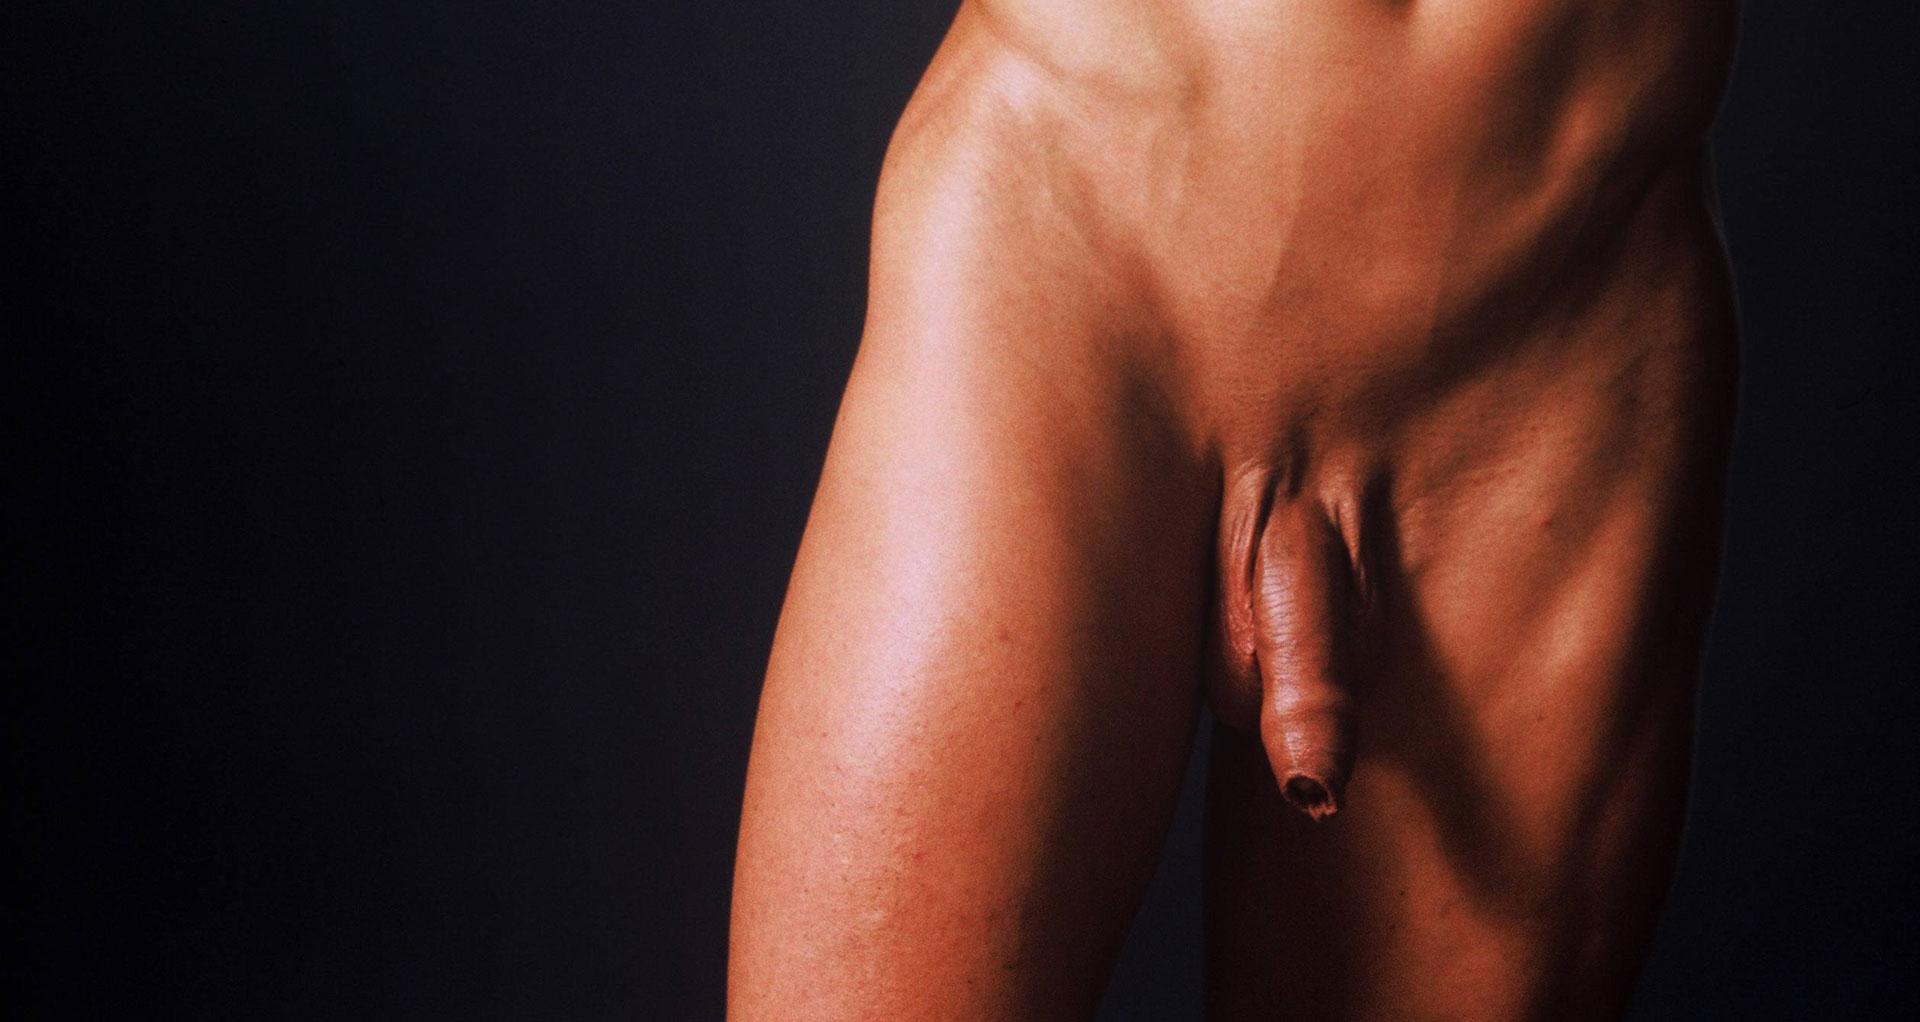 schwanz lutschen erotikshop osnabrück